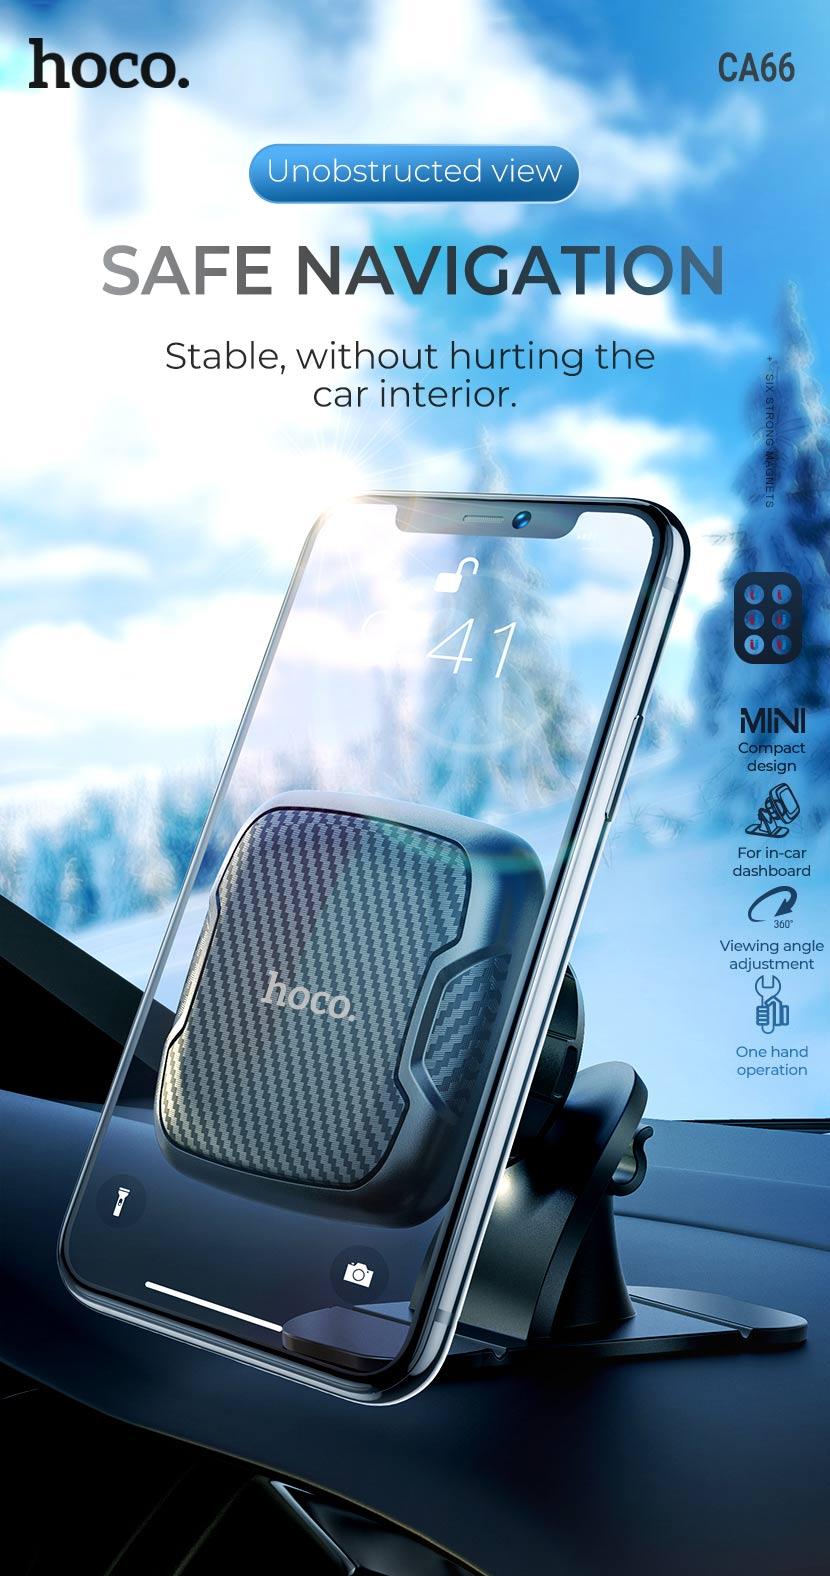 hoco news ca66 sagittarius series center console magnetic car holder en